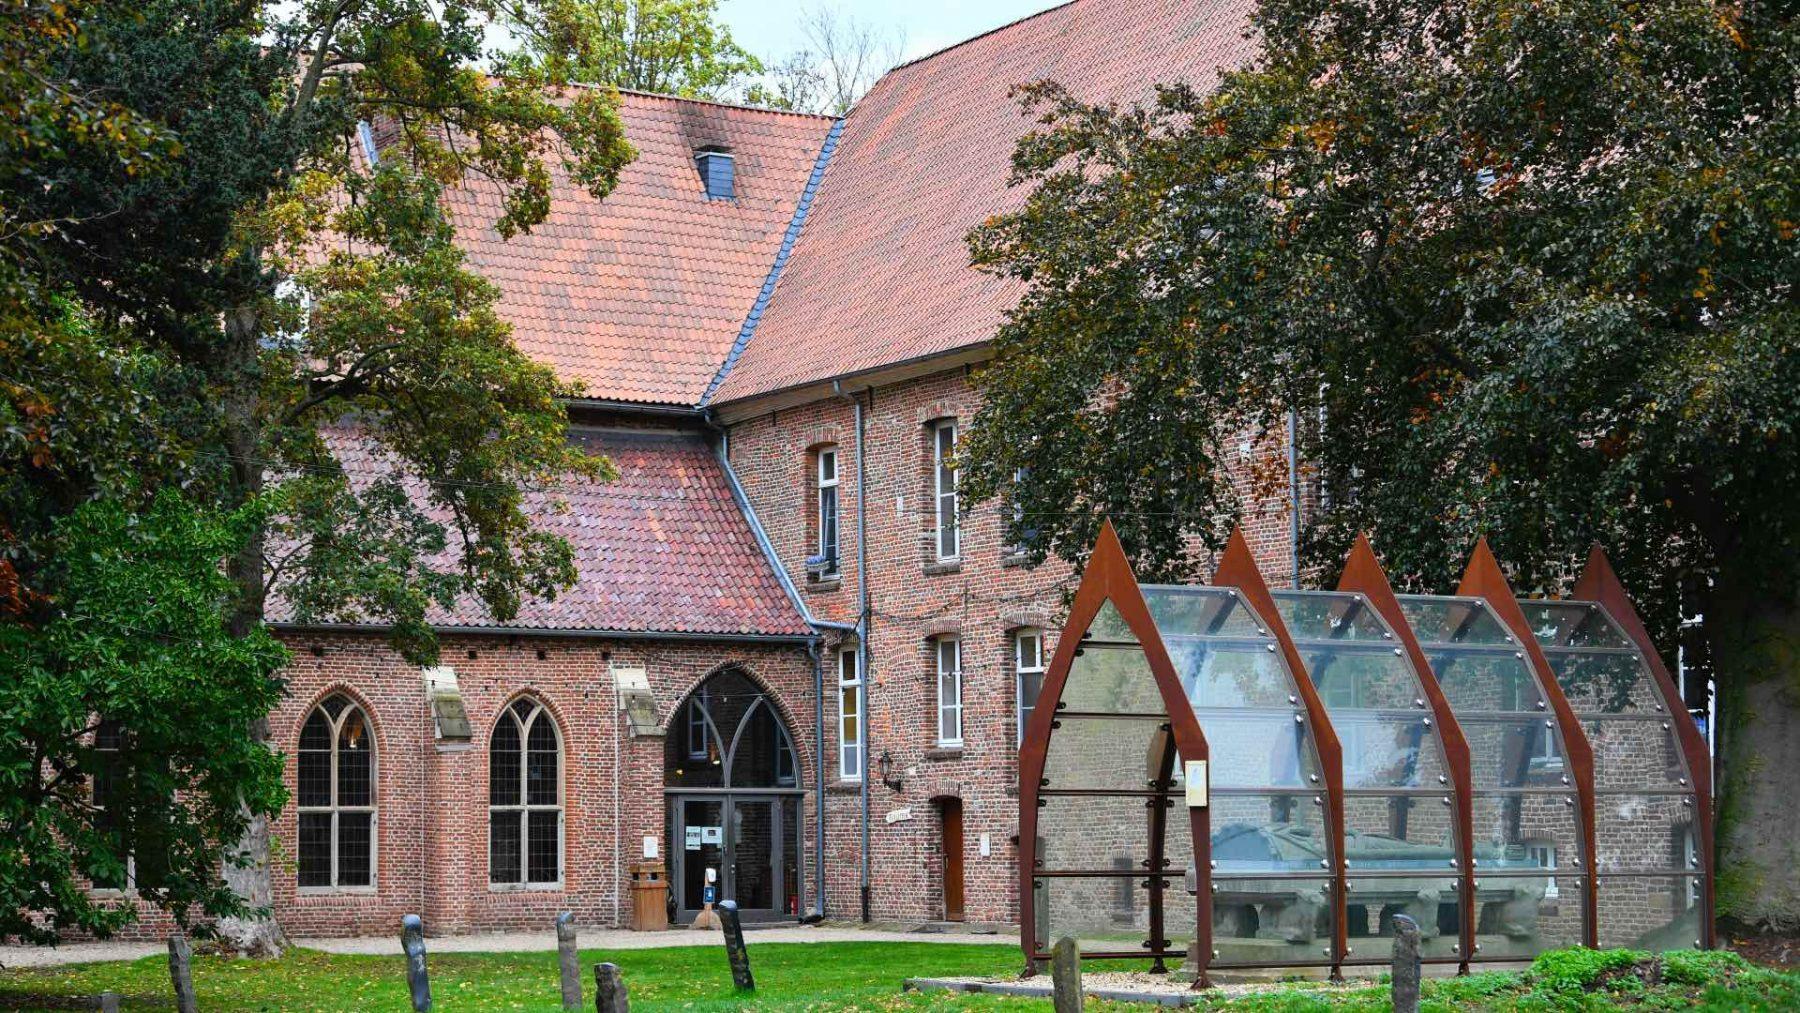 Nederlandse sekteleider opgepakt vanwege seksueel misbruik van kinderen en verkrachting